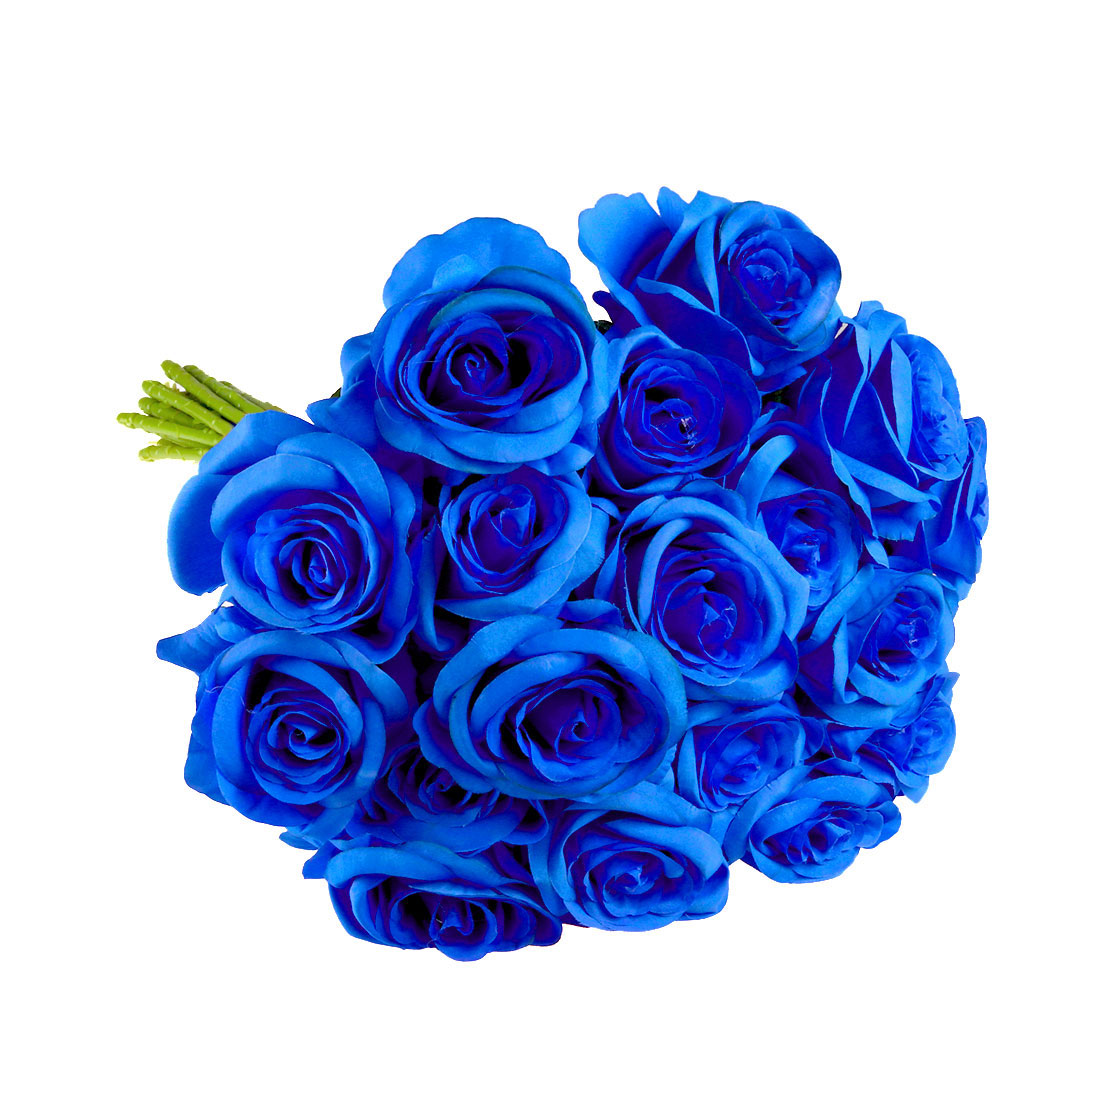 Artificial Silk Vintage Rose Flowers Bouquet Wedding Home Decoration Blue 18pcs